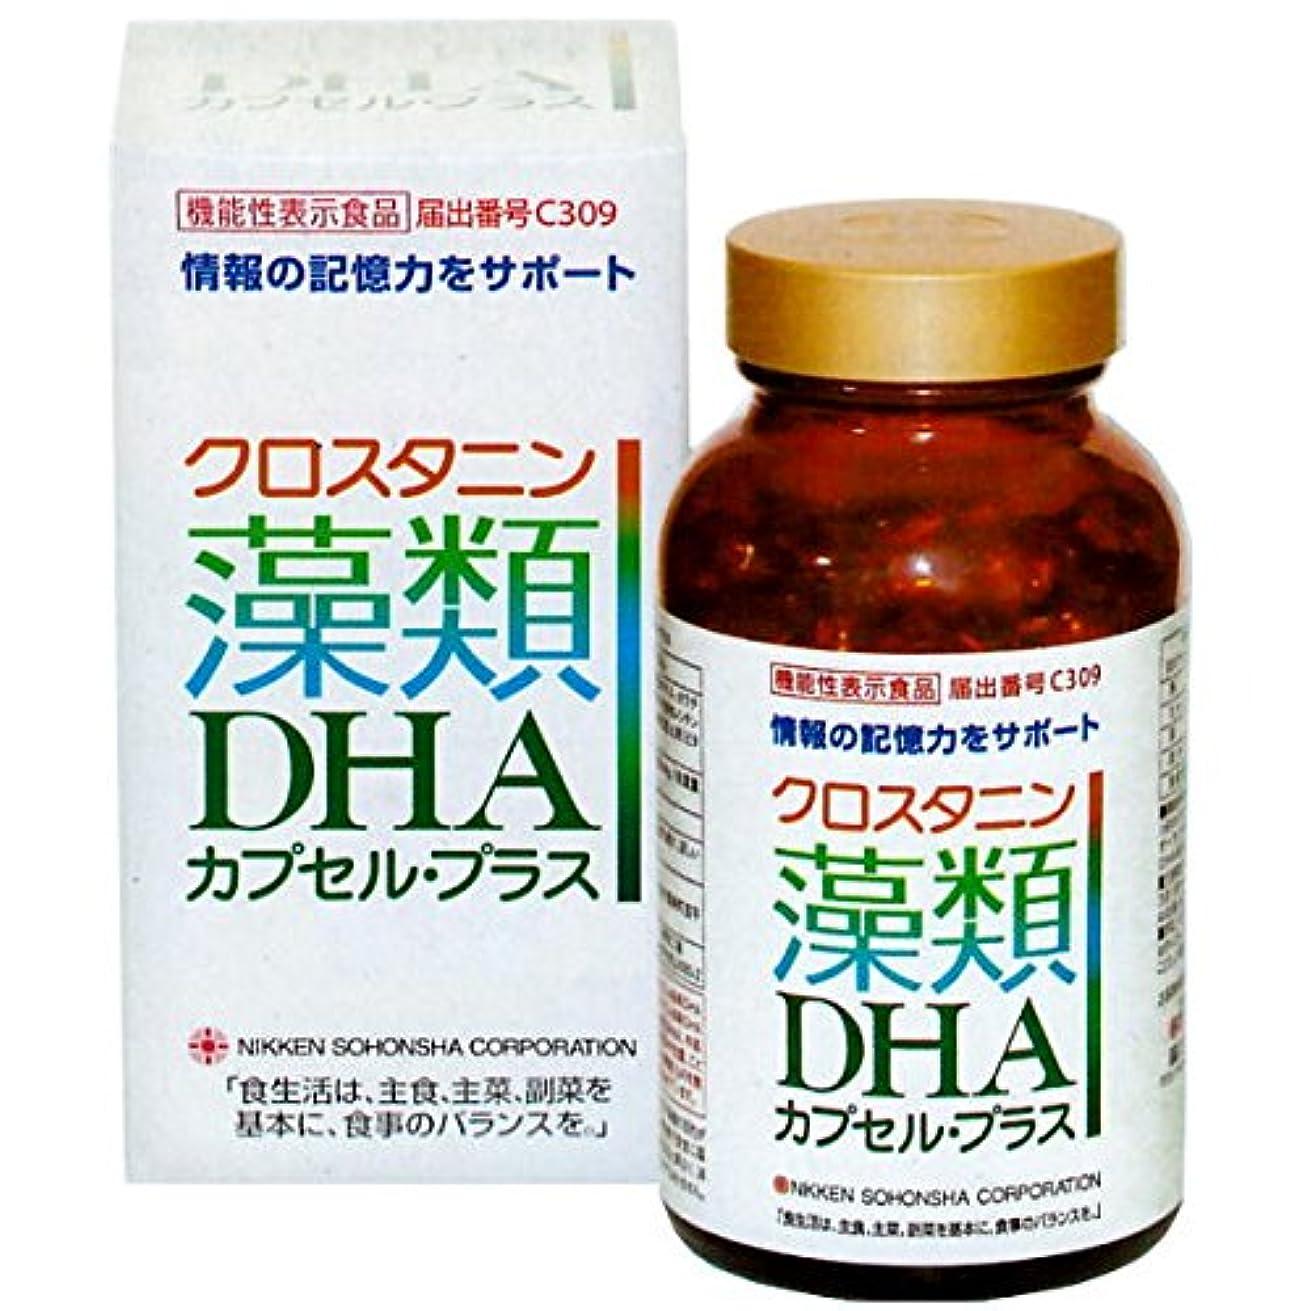 思い出させる日記プレミアクロスタニン 藻類DHAカプセル?プラス [機能性表示食品] 45日分 270粒